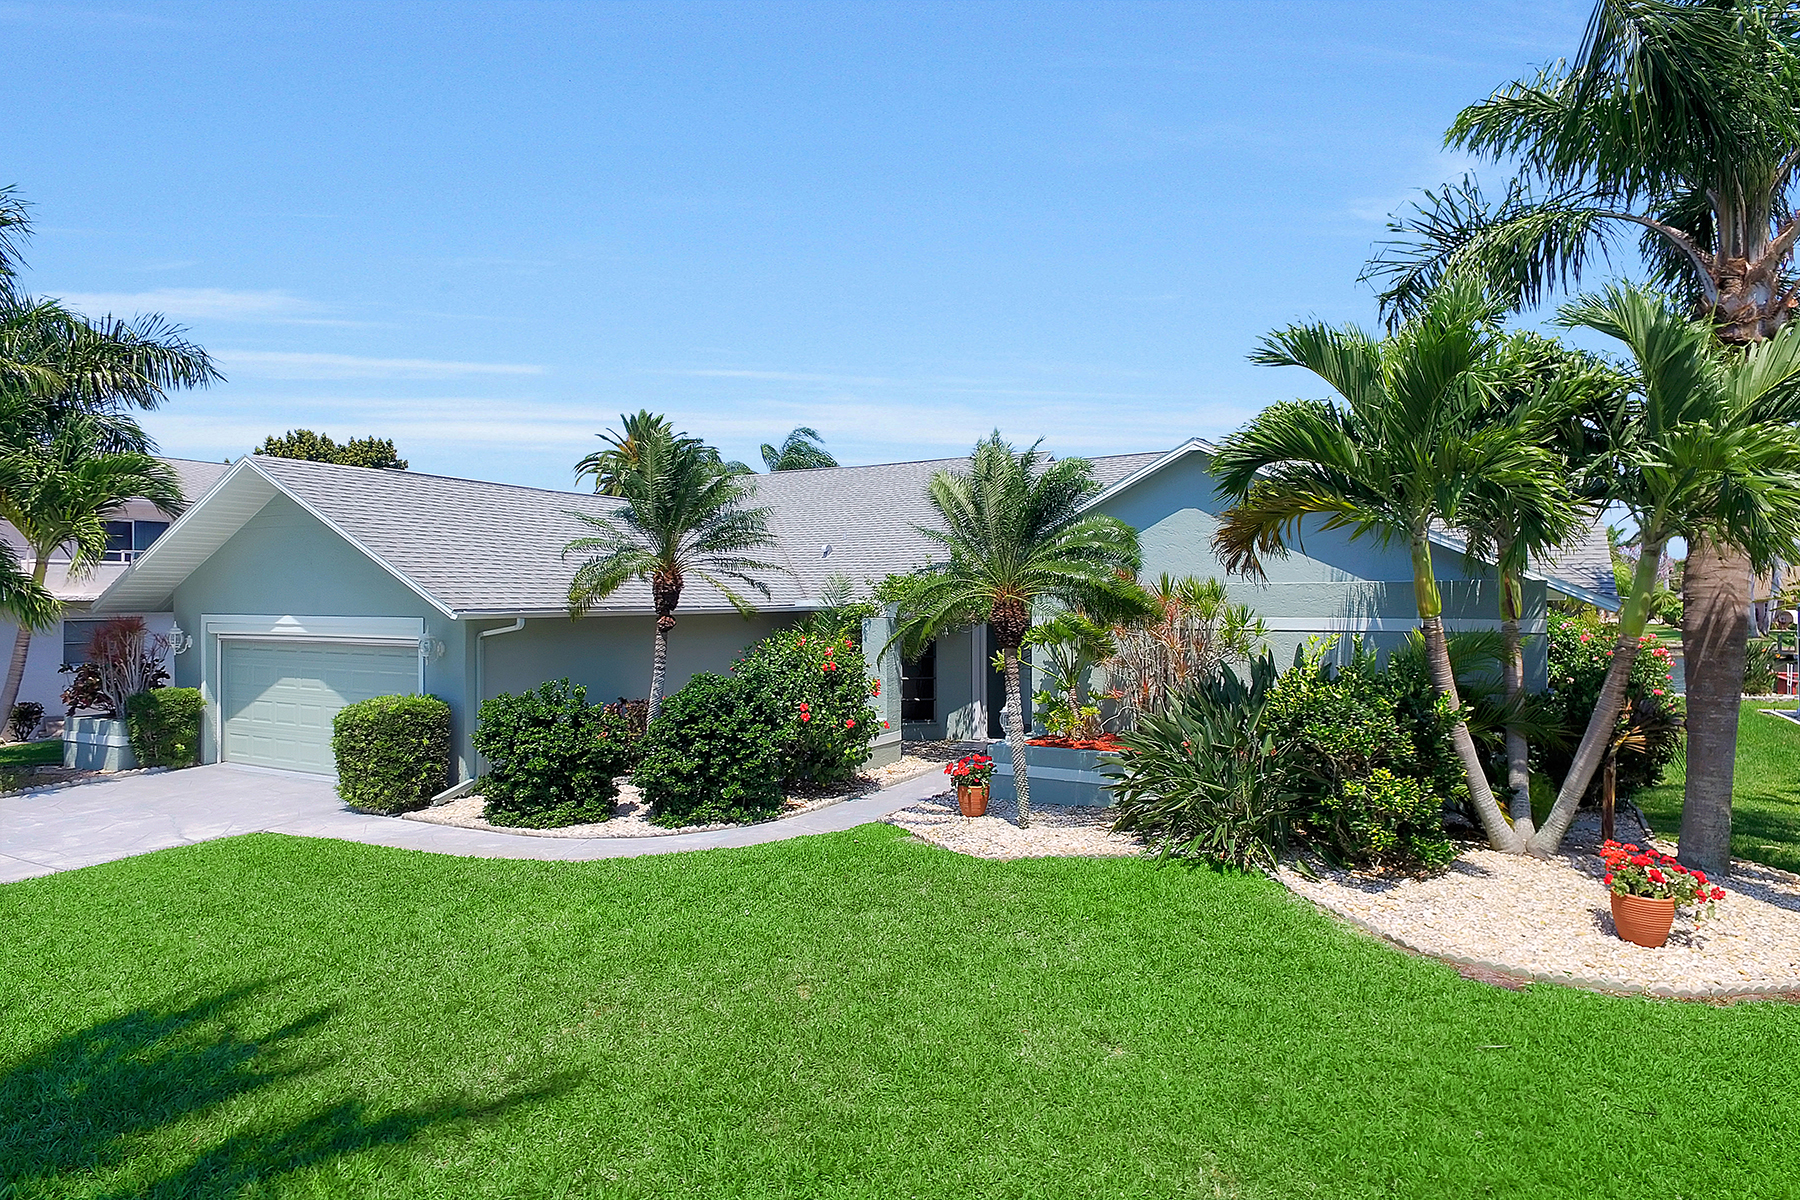 独户住宅 为 销售 在 1927 SE 35th St , Cape Coral, FL 33904 凯普珊瑚, 佛罗里达州 33904 美国